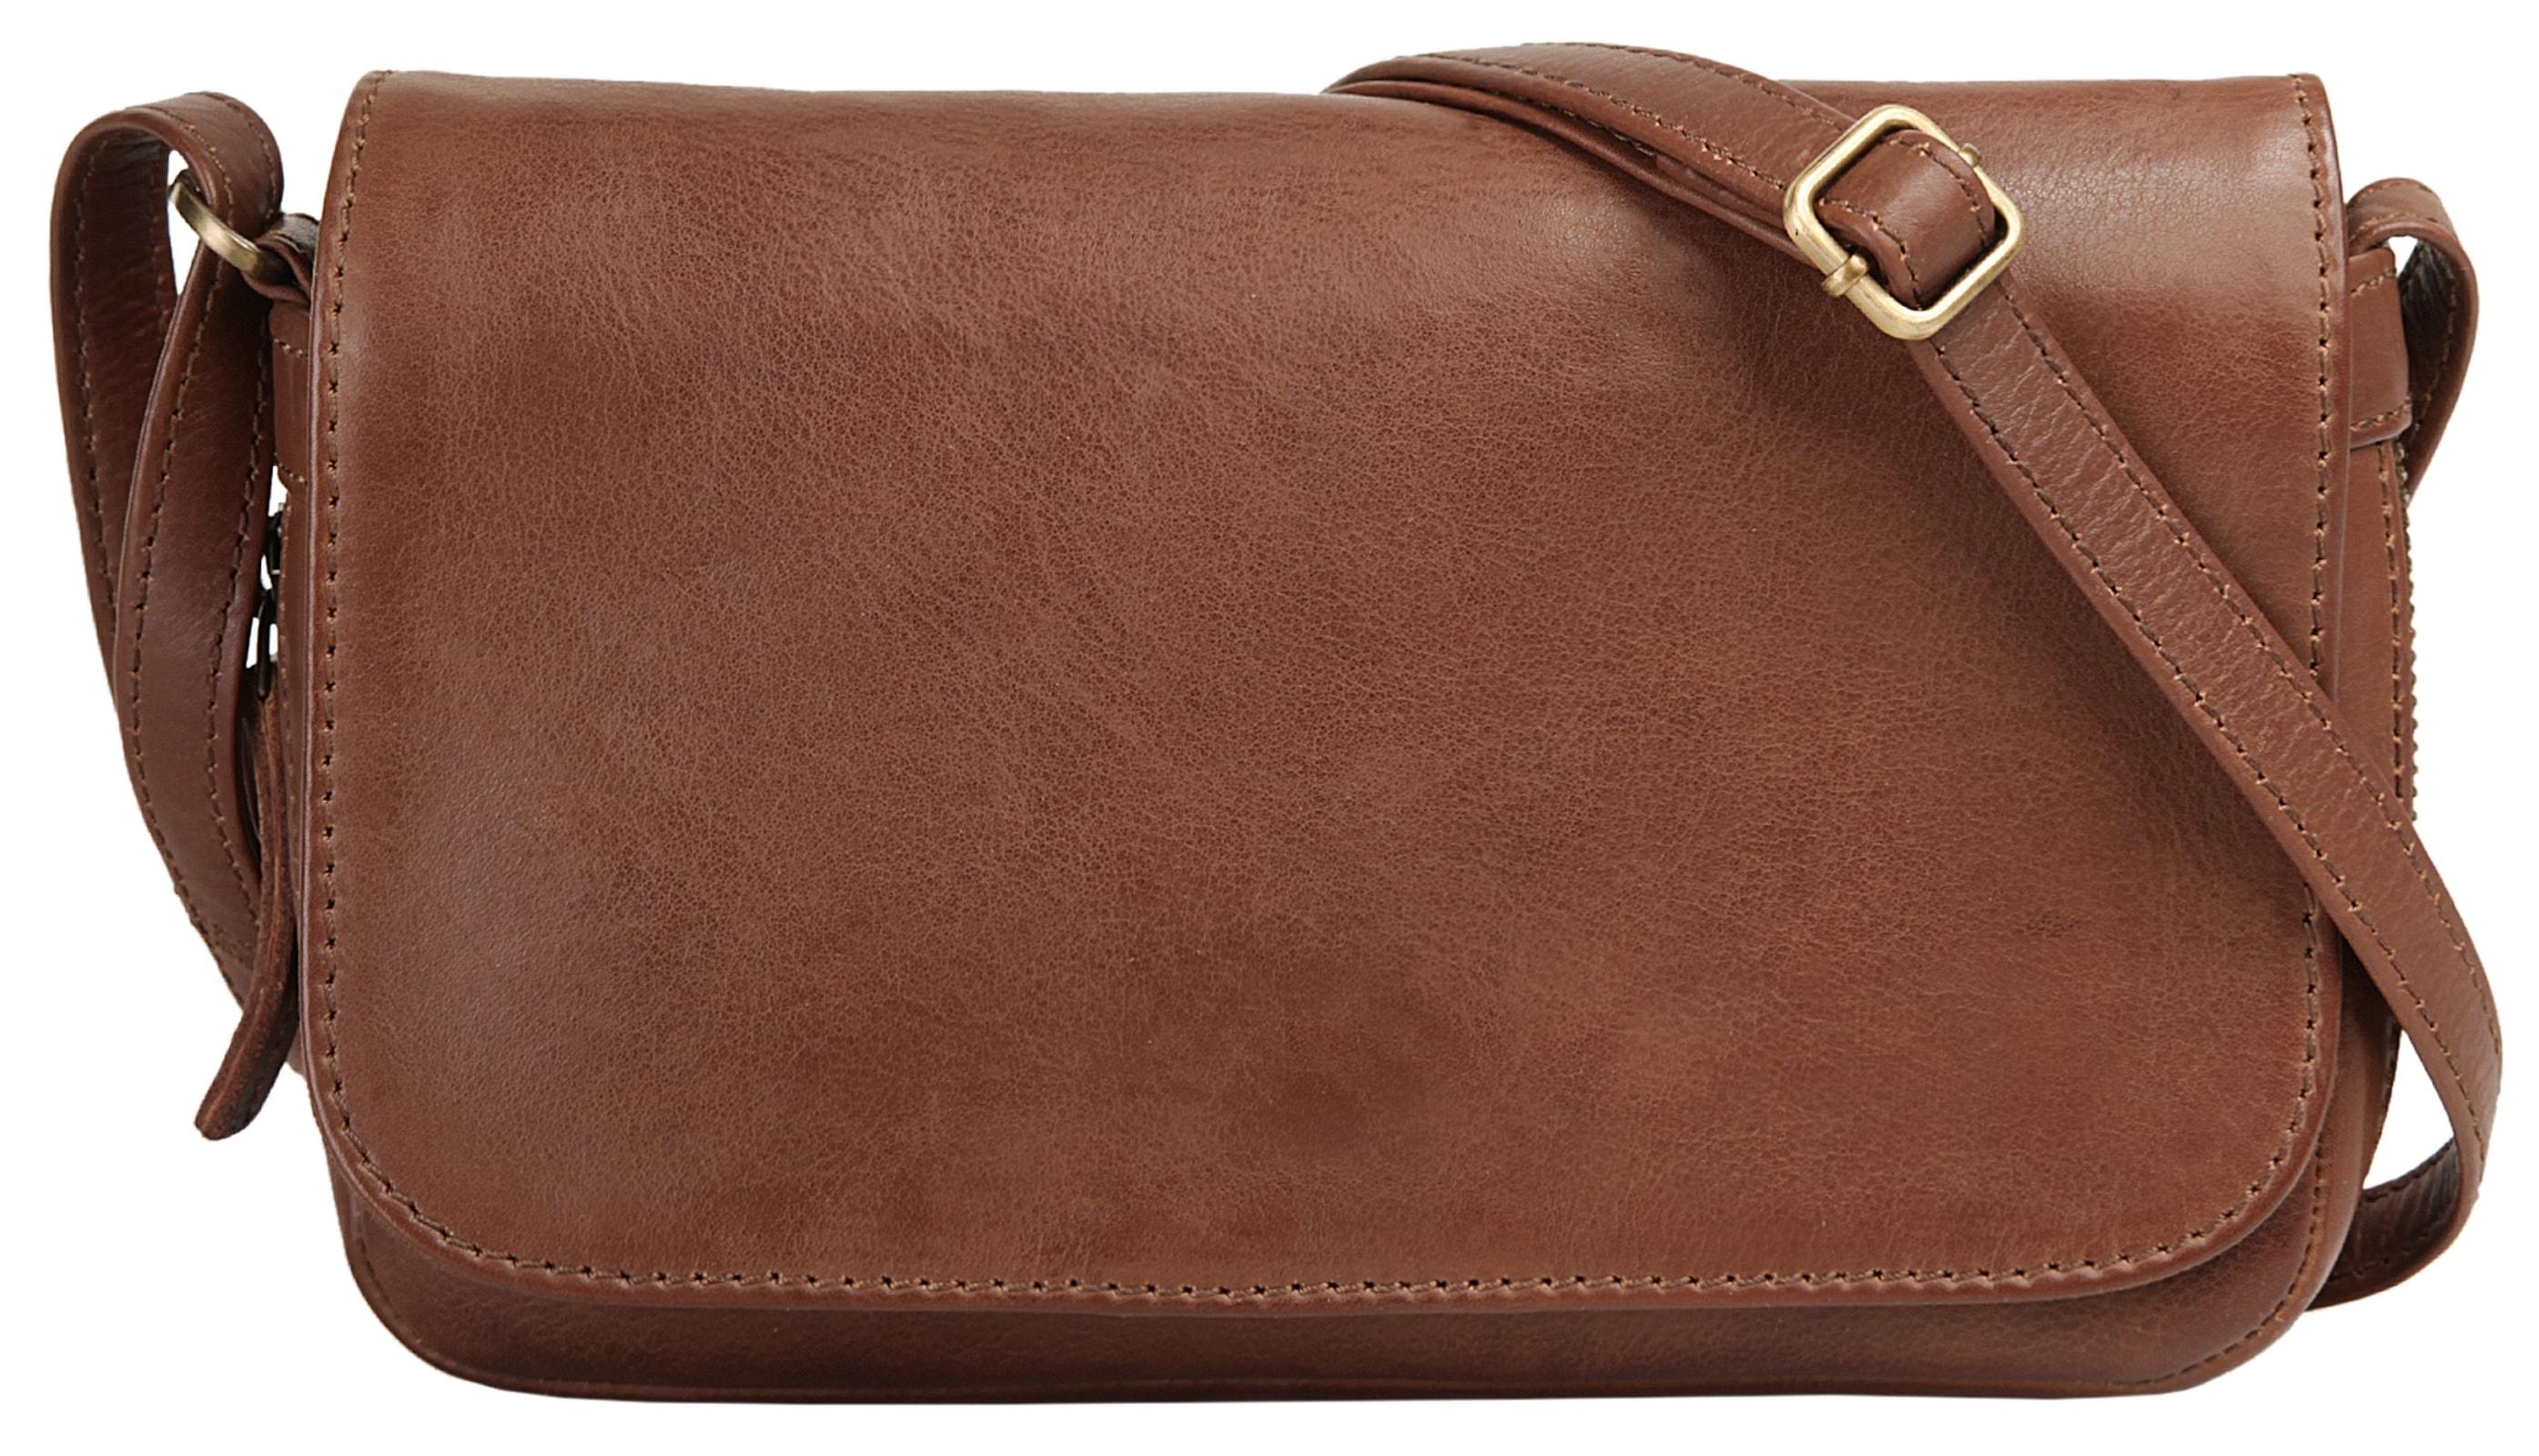 WouWou Umhängetasche | Taschen | Braun | Leder | Wouwou